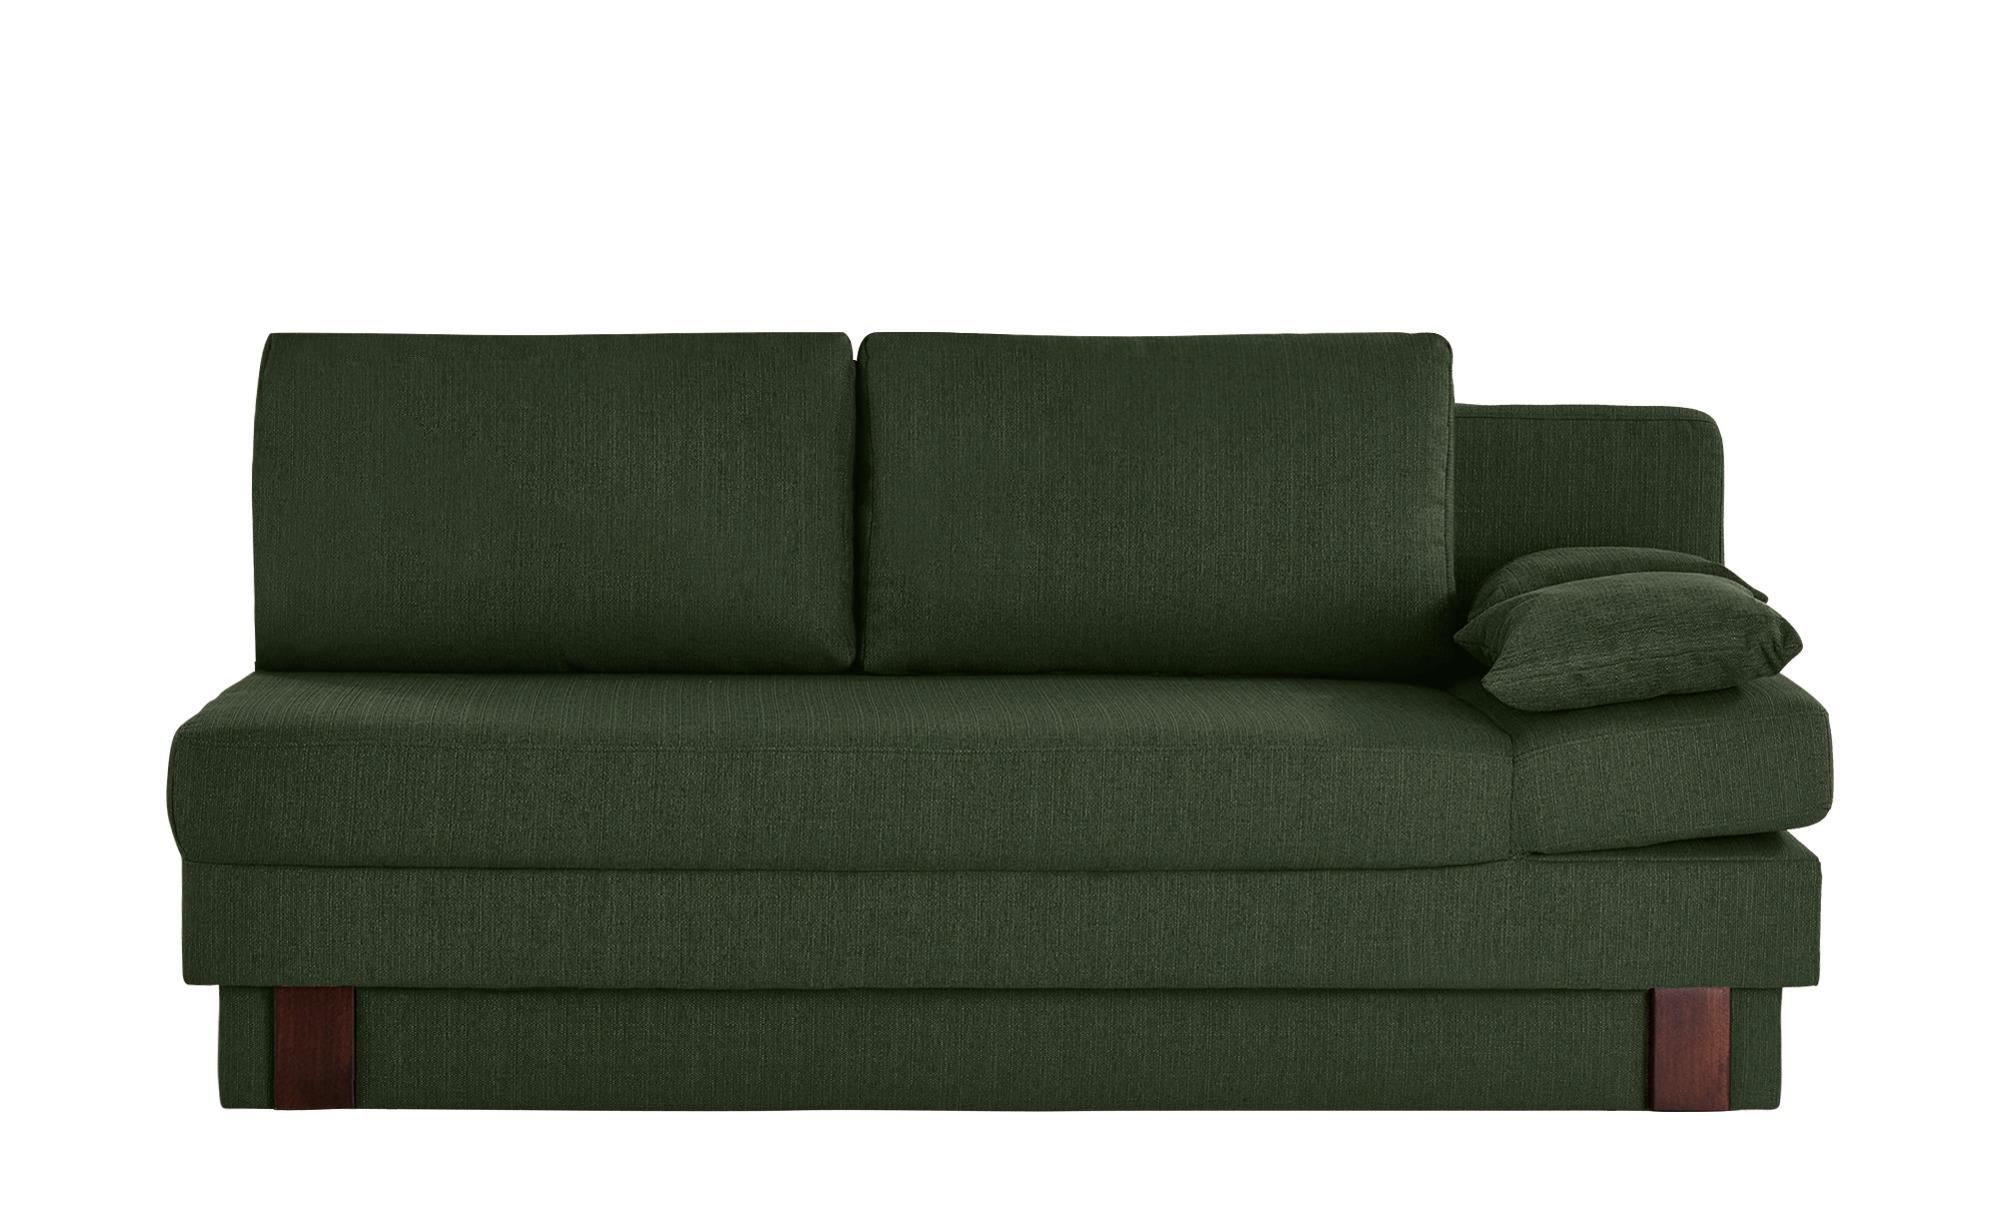 smart Schlafsofa grün - Webstoff Tamara ¦ grün ¦ Maße (cm): B: 202 H: 92 T: 100 Polstermöbel > Sofas > Einzelsofas - Höffner